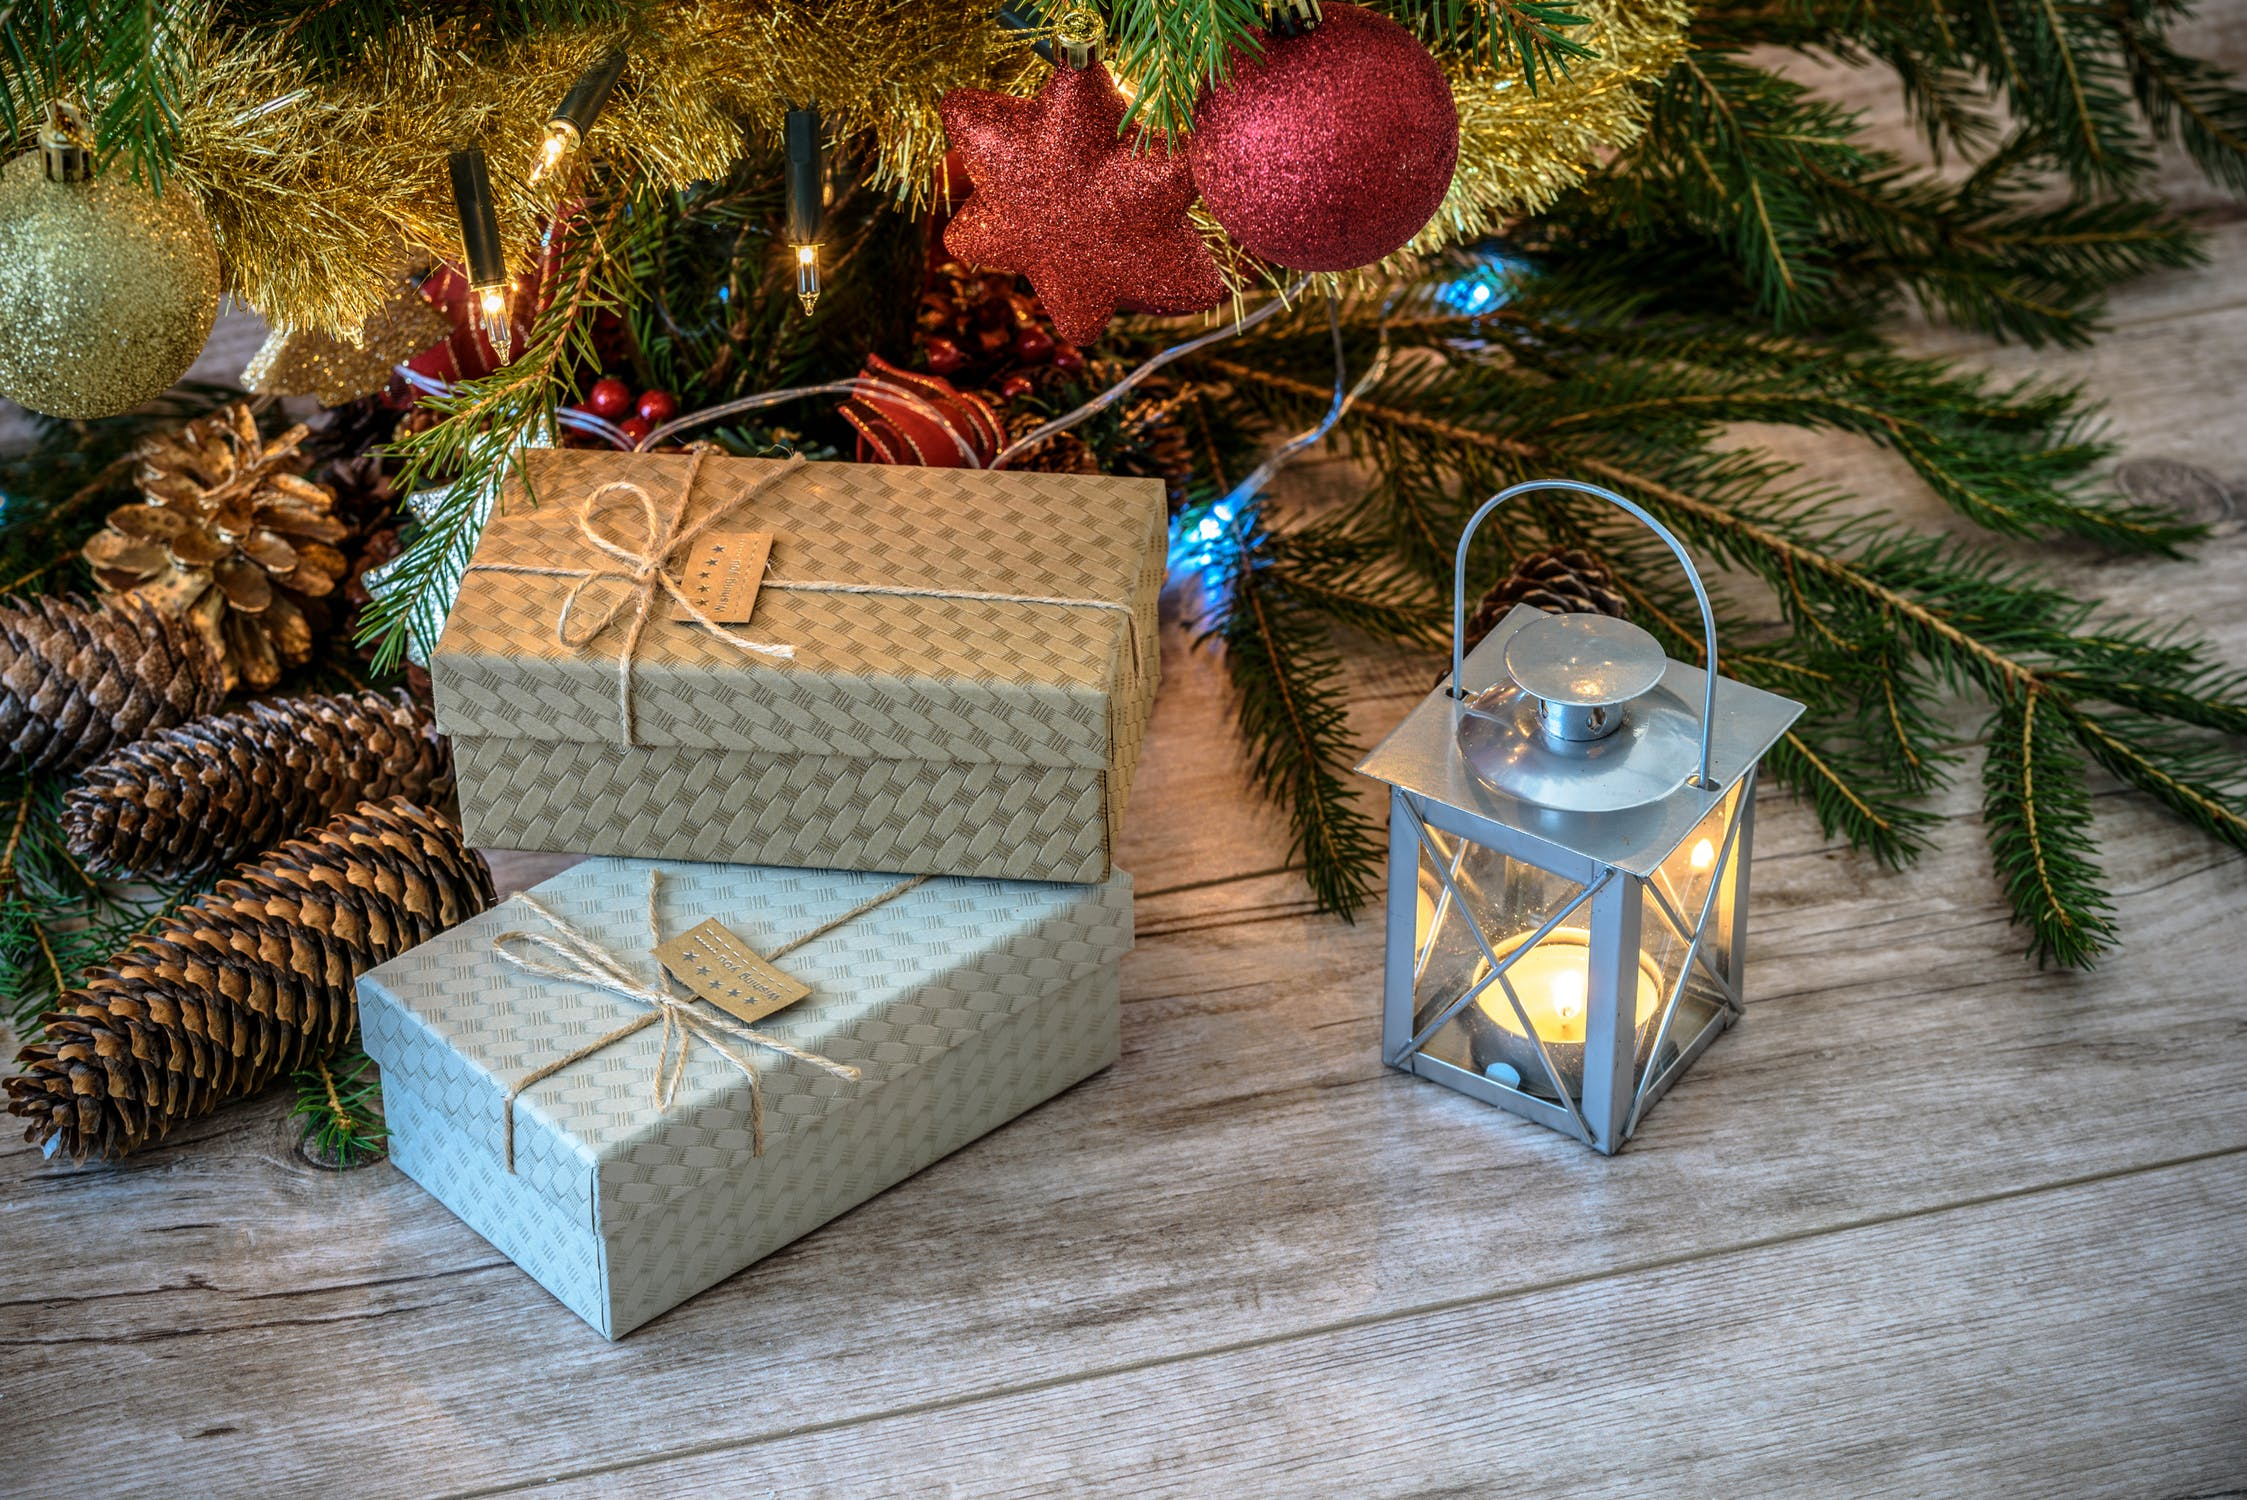 V současnosti jsou Vánoce spíš o dárcích a velkých penězích než o  vyslyšených přáních. bf4e8cf1fda